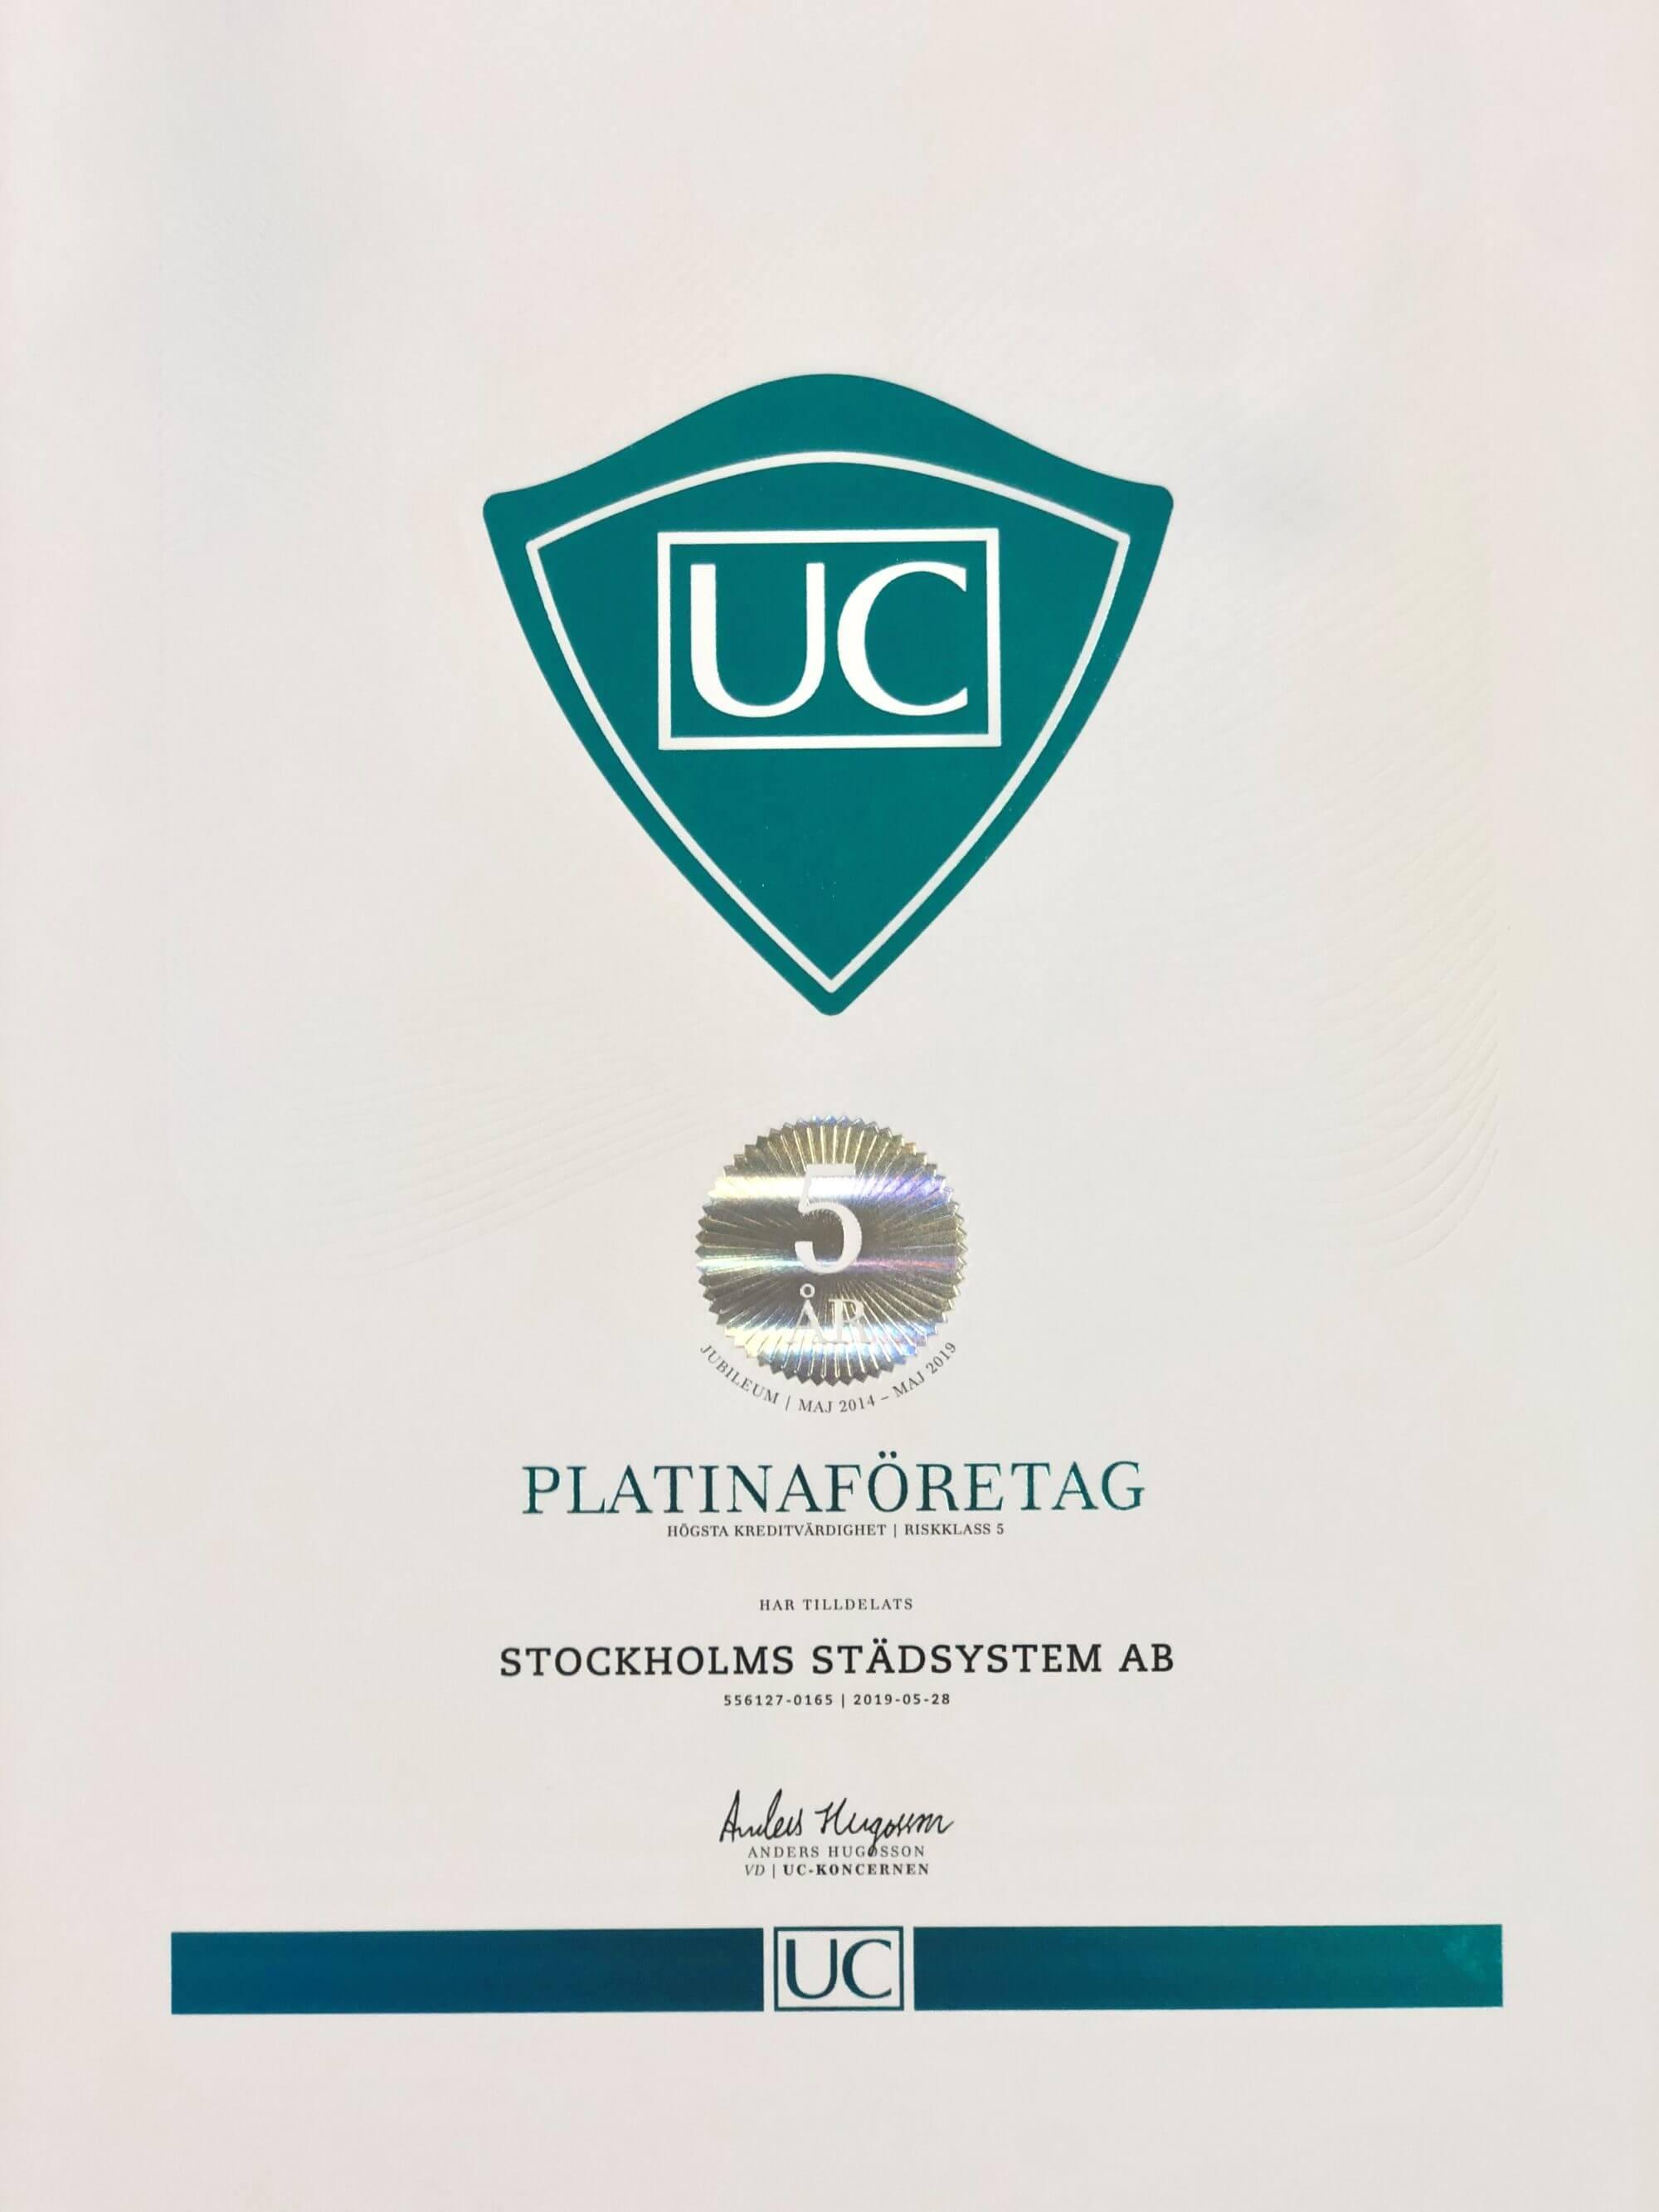 Stockholms Städsystem är nu ett UC PLATINA företag